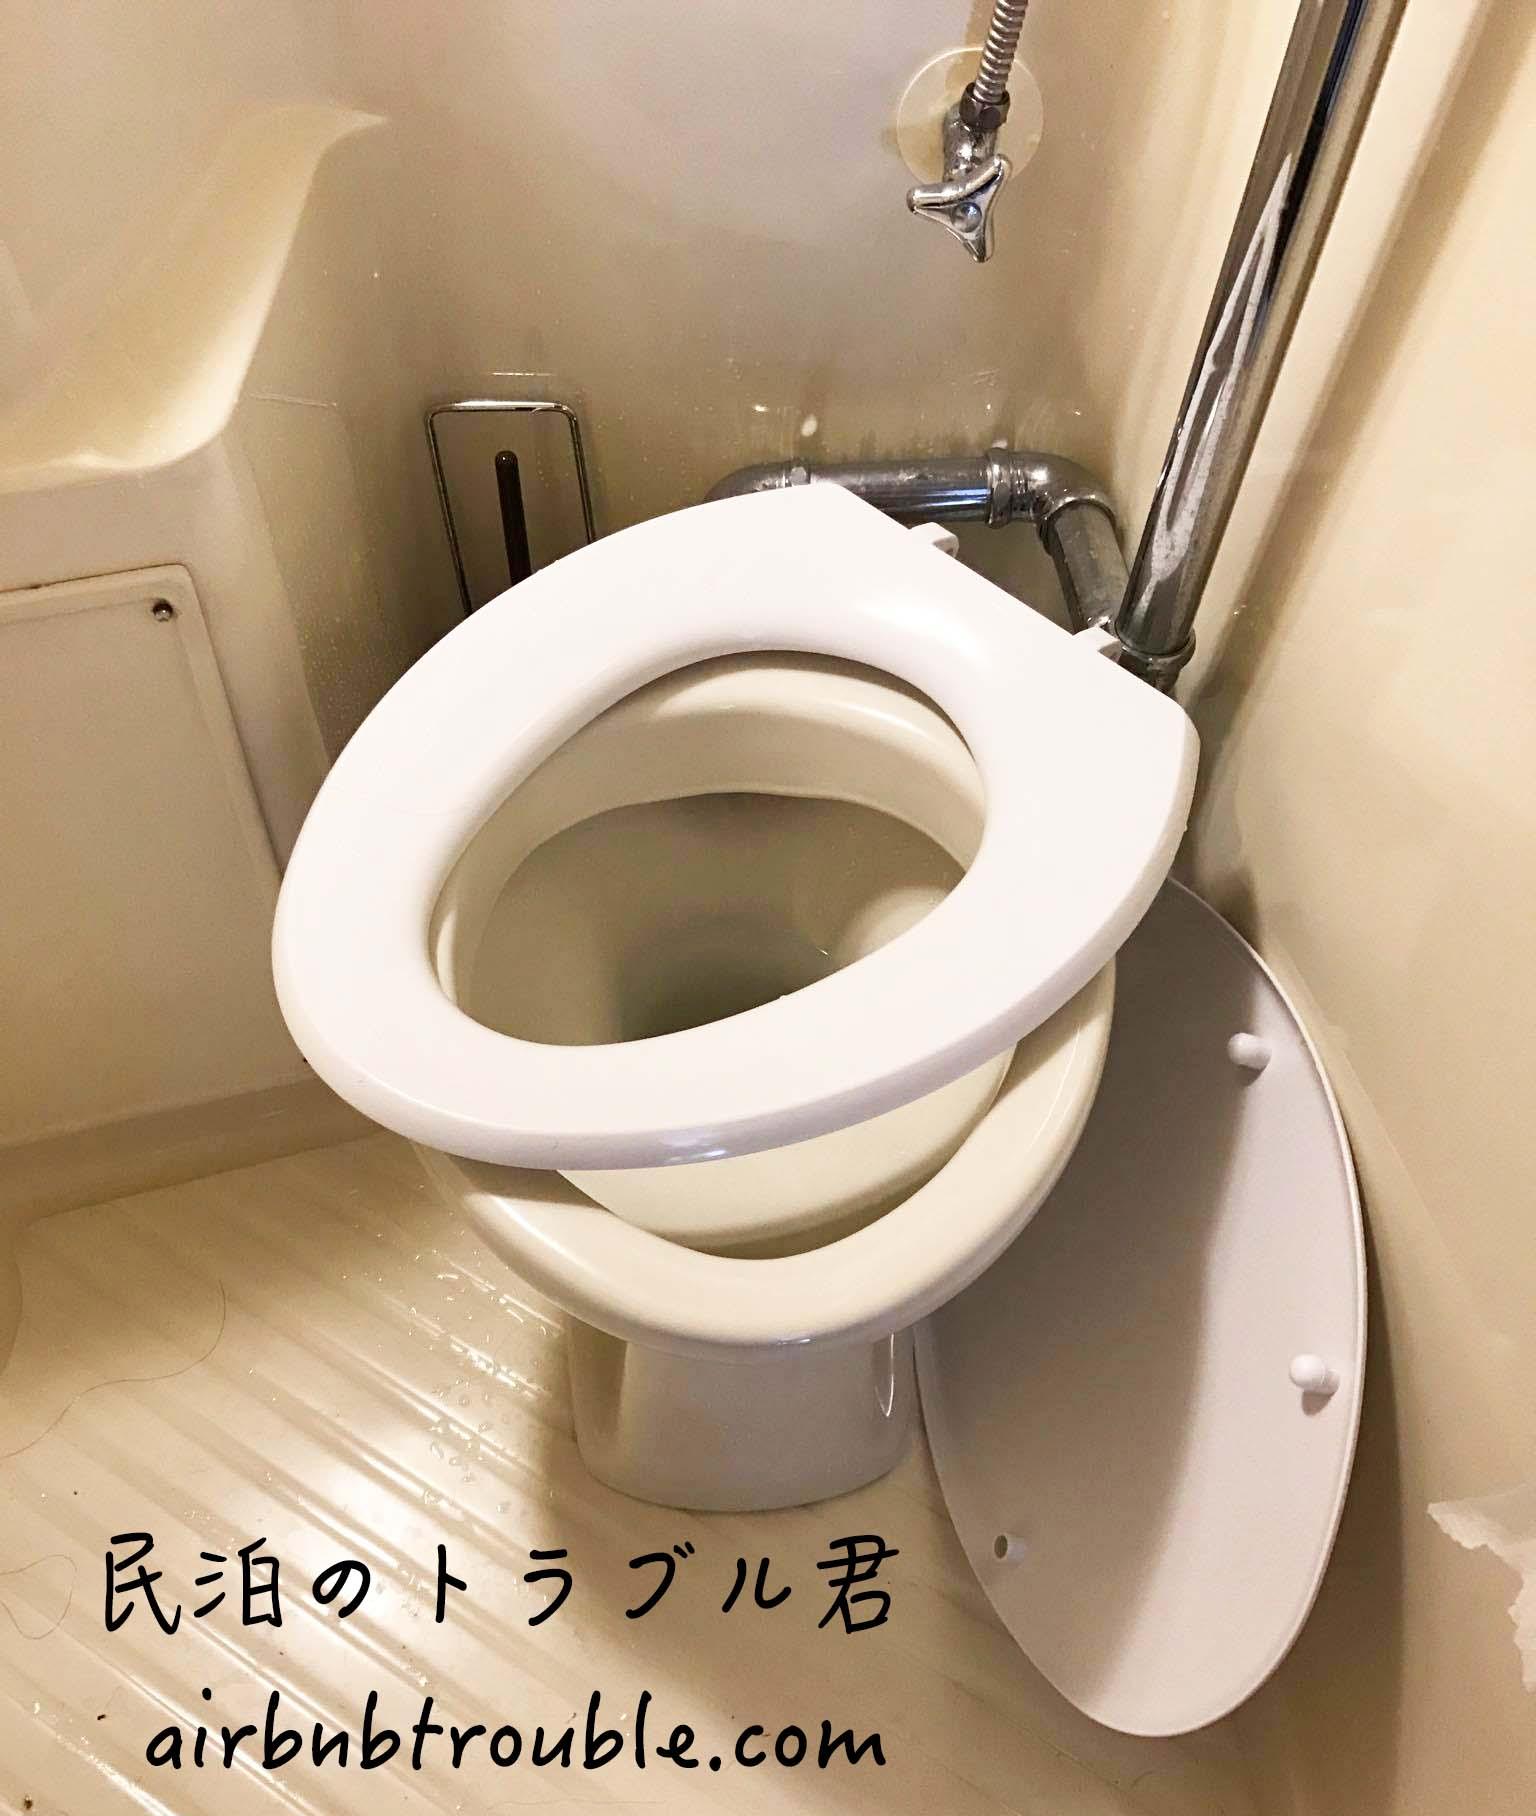 【破損】トイレの便座とカバーを取られました。